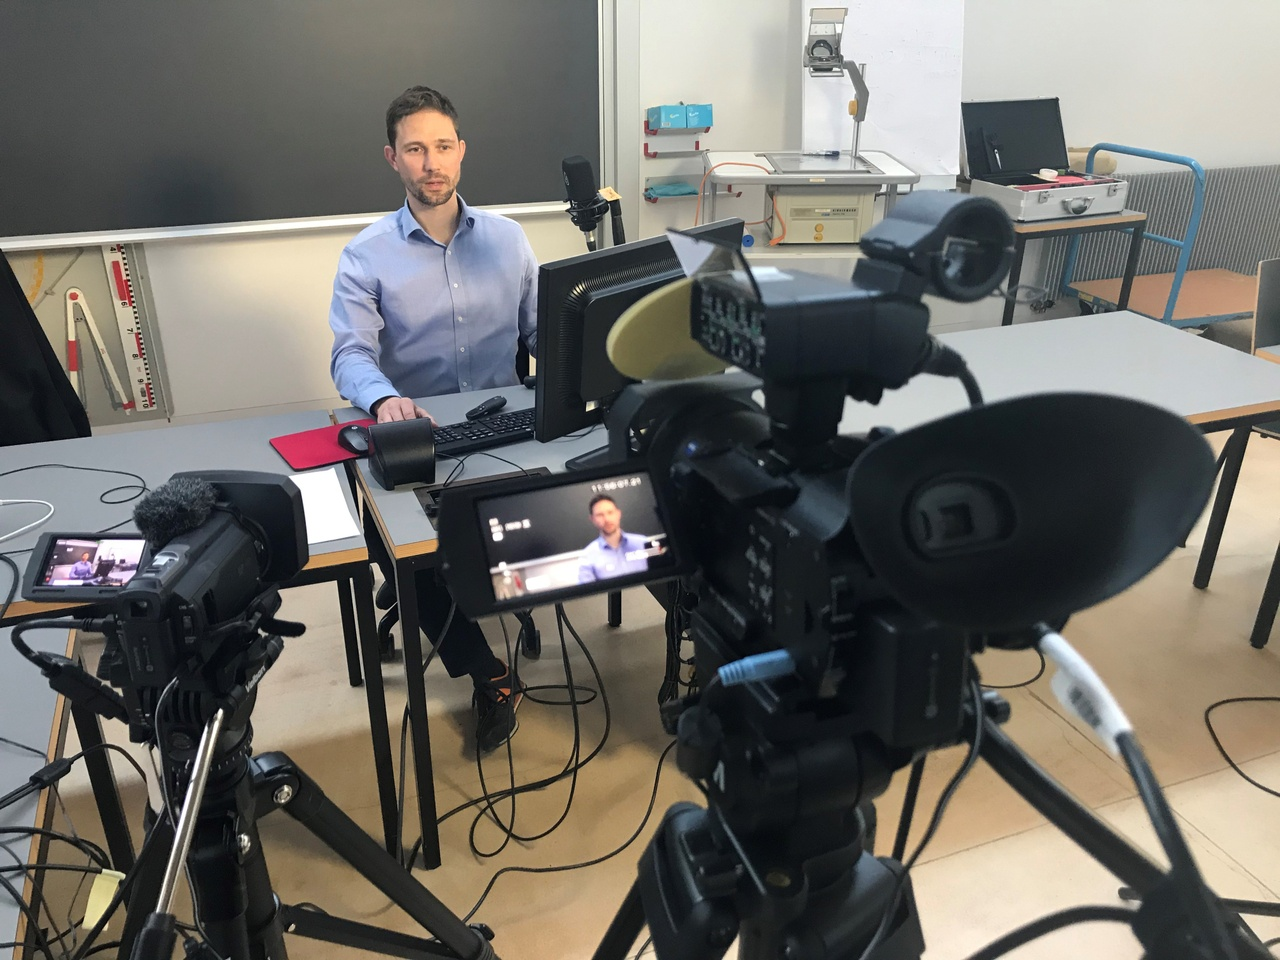 Das Studio am Campus der Universität Liechtenstein zur Produktion von Vorlesungen.